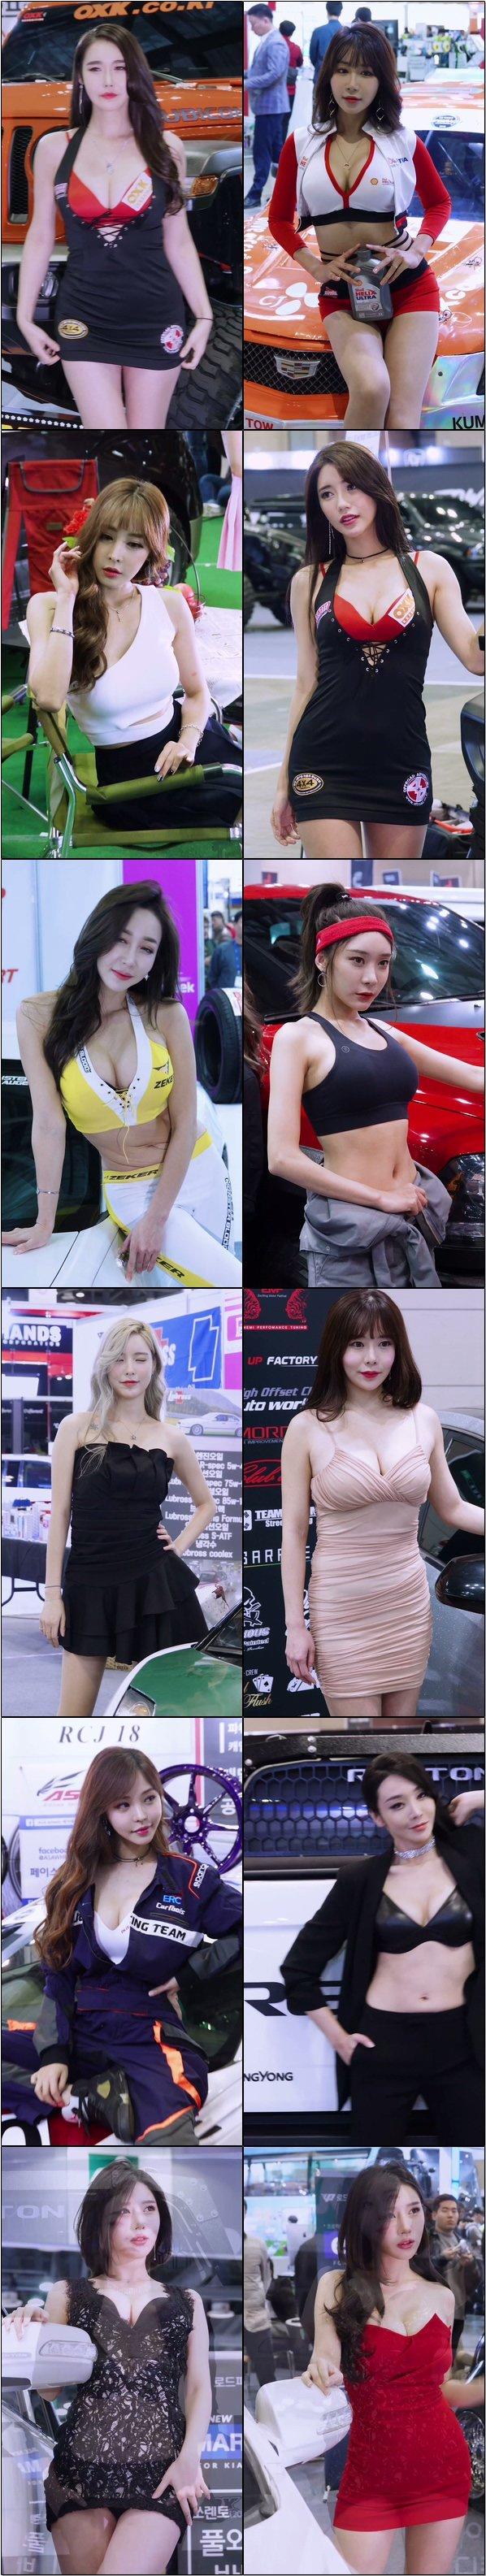 [會展模特] 韓國車展性感模特精選飯拍2020586